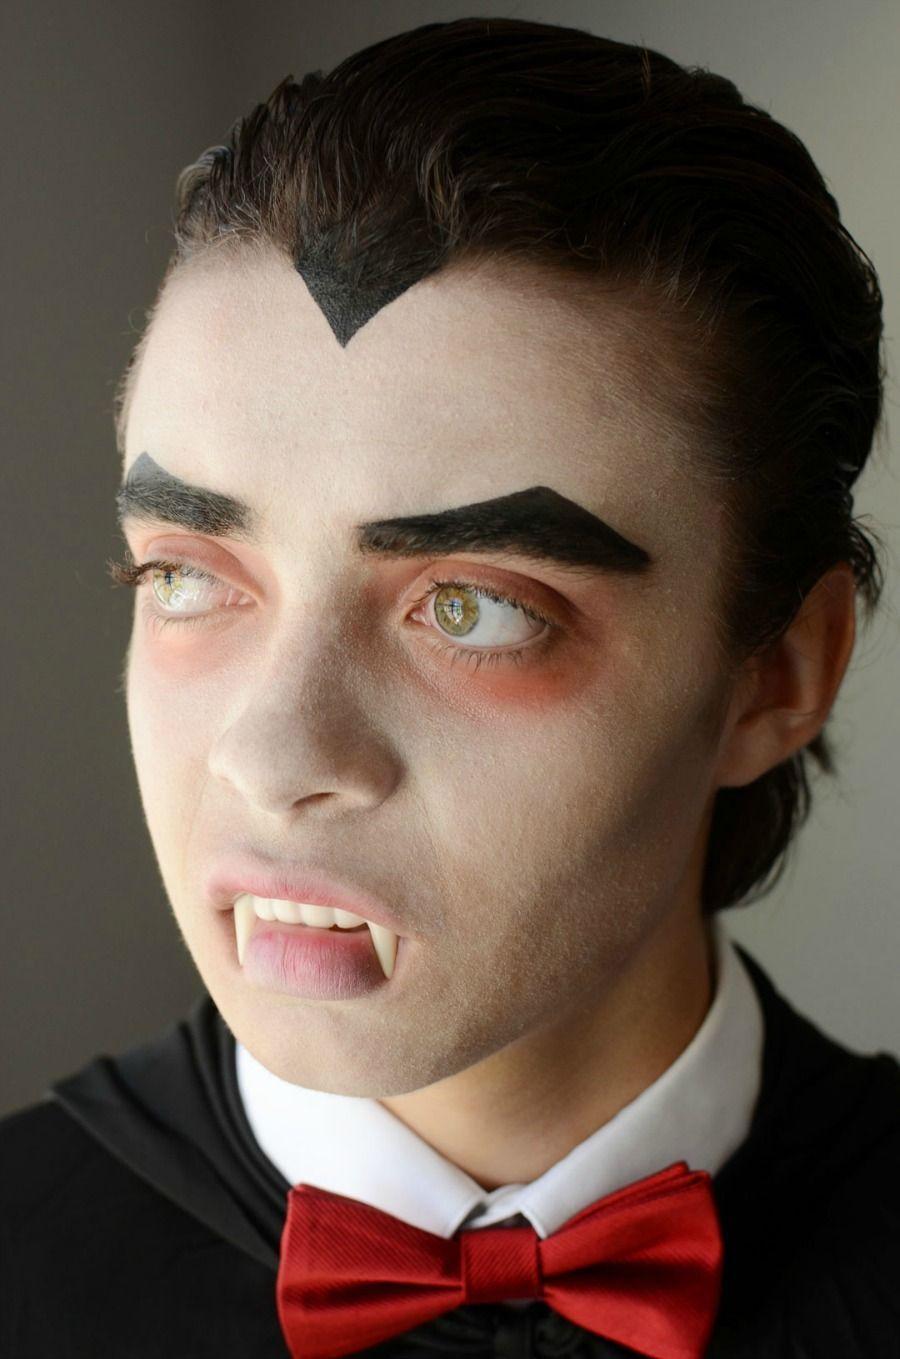 Fandango Halloween 2020 Movie Monster Makeup: Go Old School Dracula for Halloween